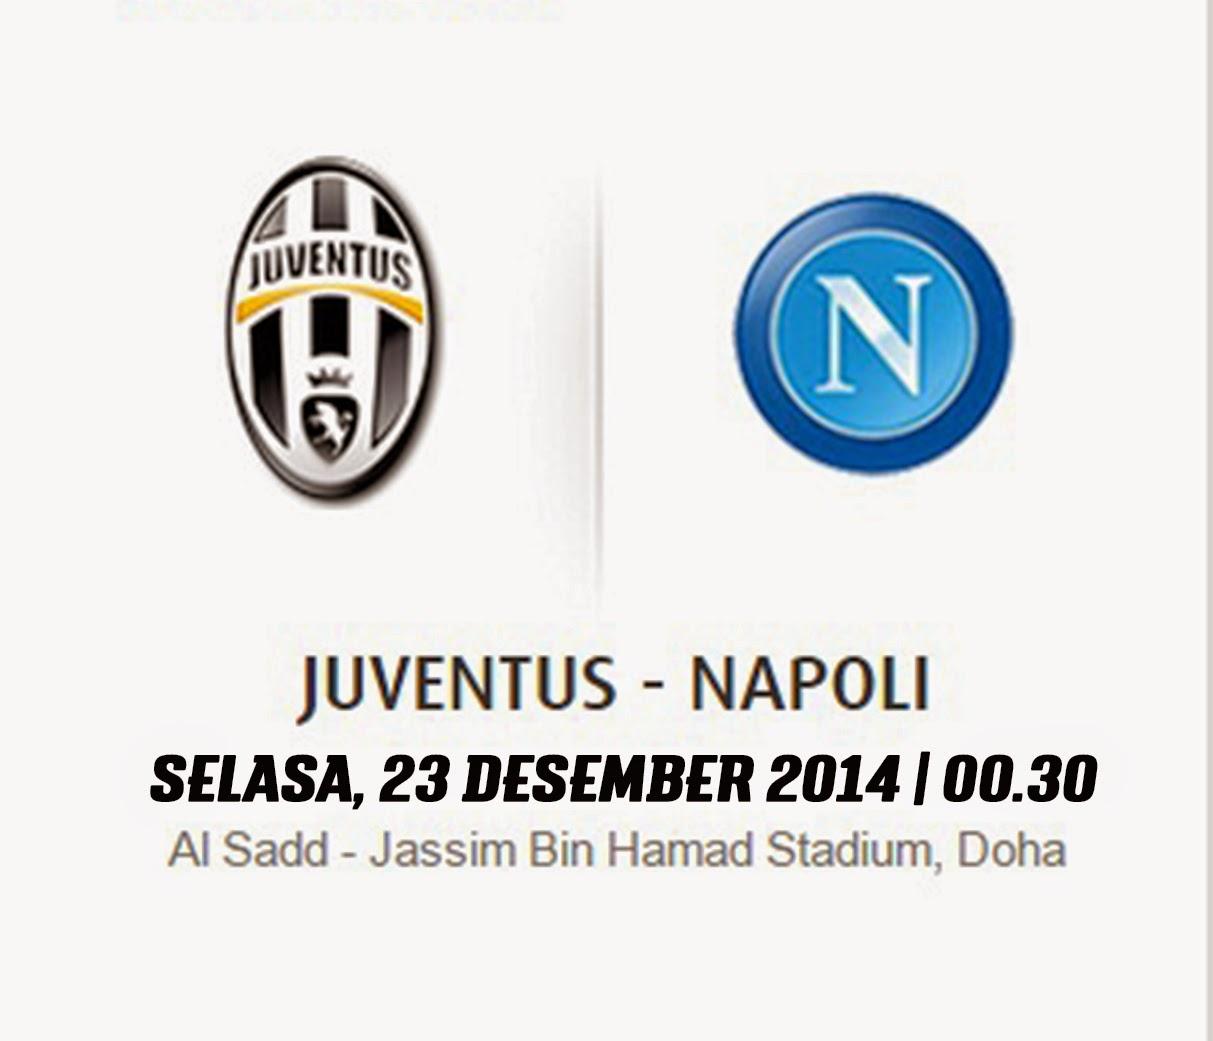 Next Match